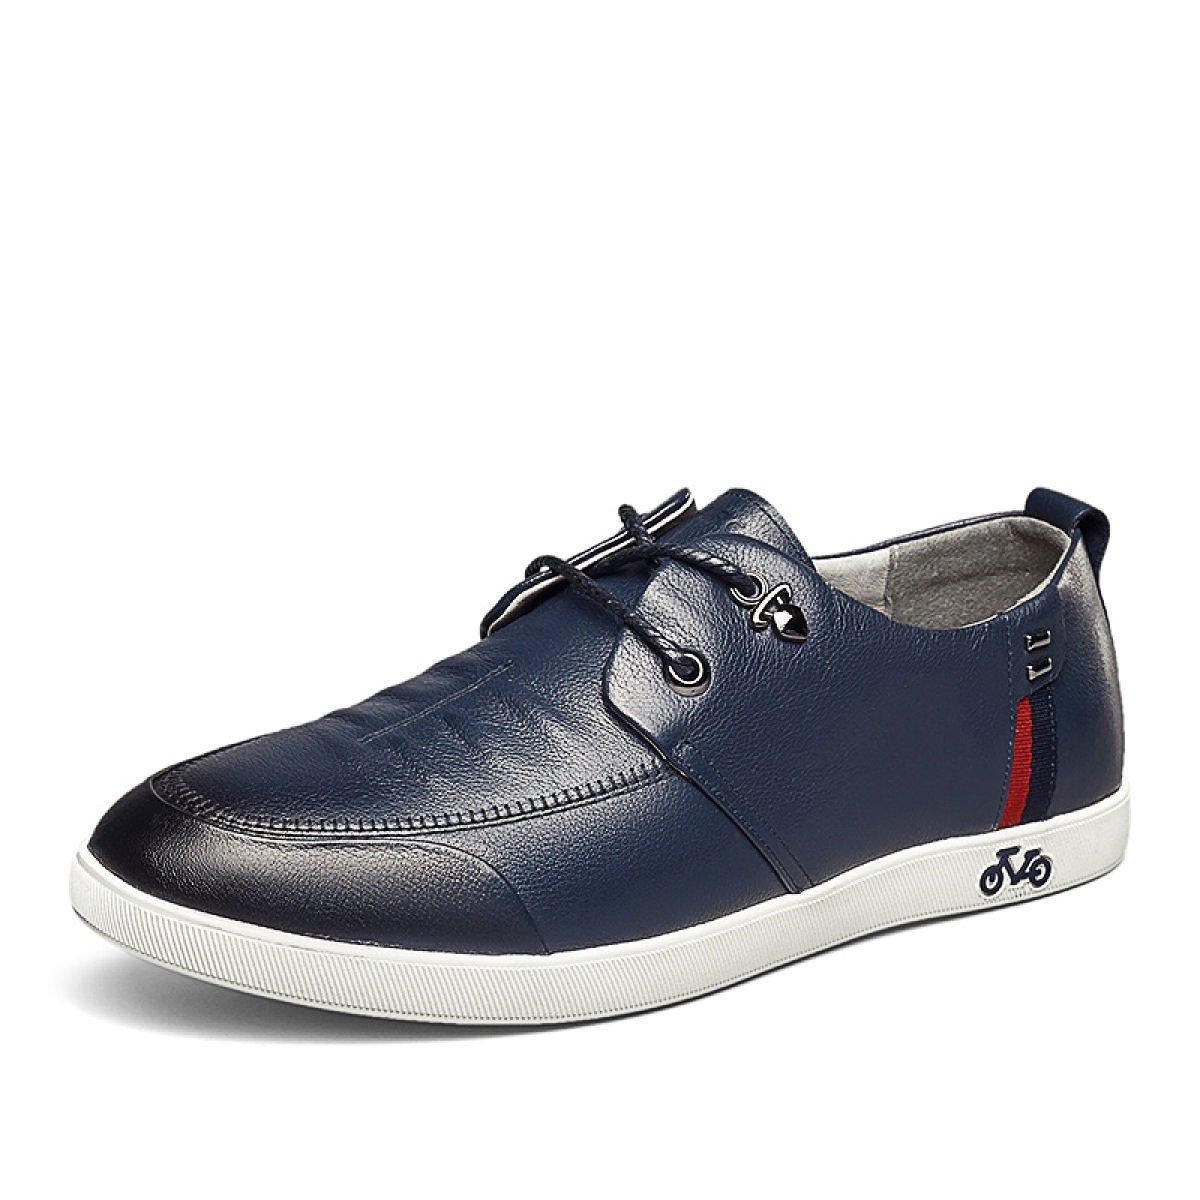 MUYII Herren Oxfords Lederschuhe Casual Lace Up Herren Rutschfeste Bequeme für Schuhe Geschäft-Schuhe für Bequeme Männer 4c4886